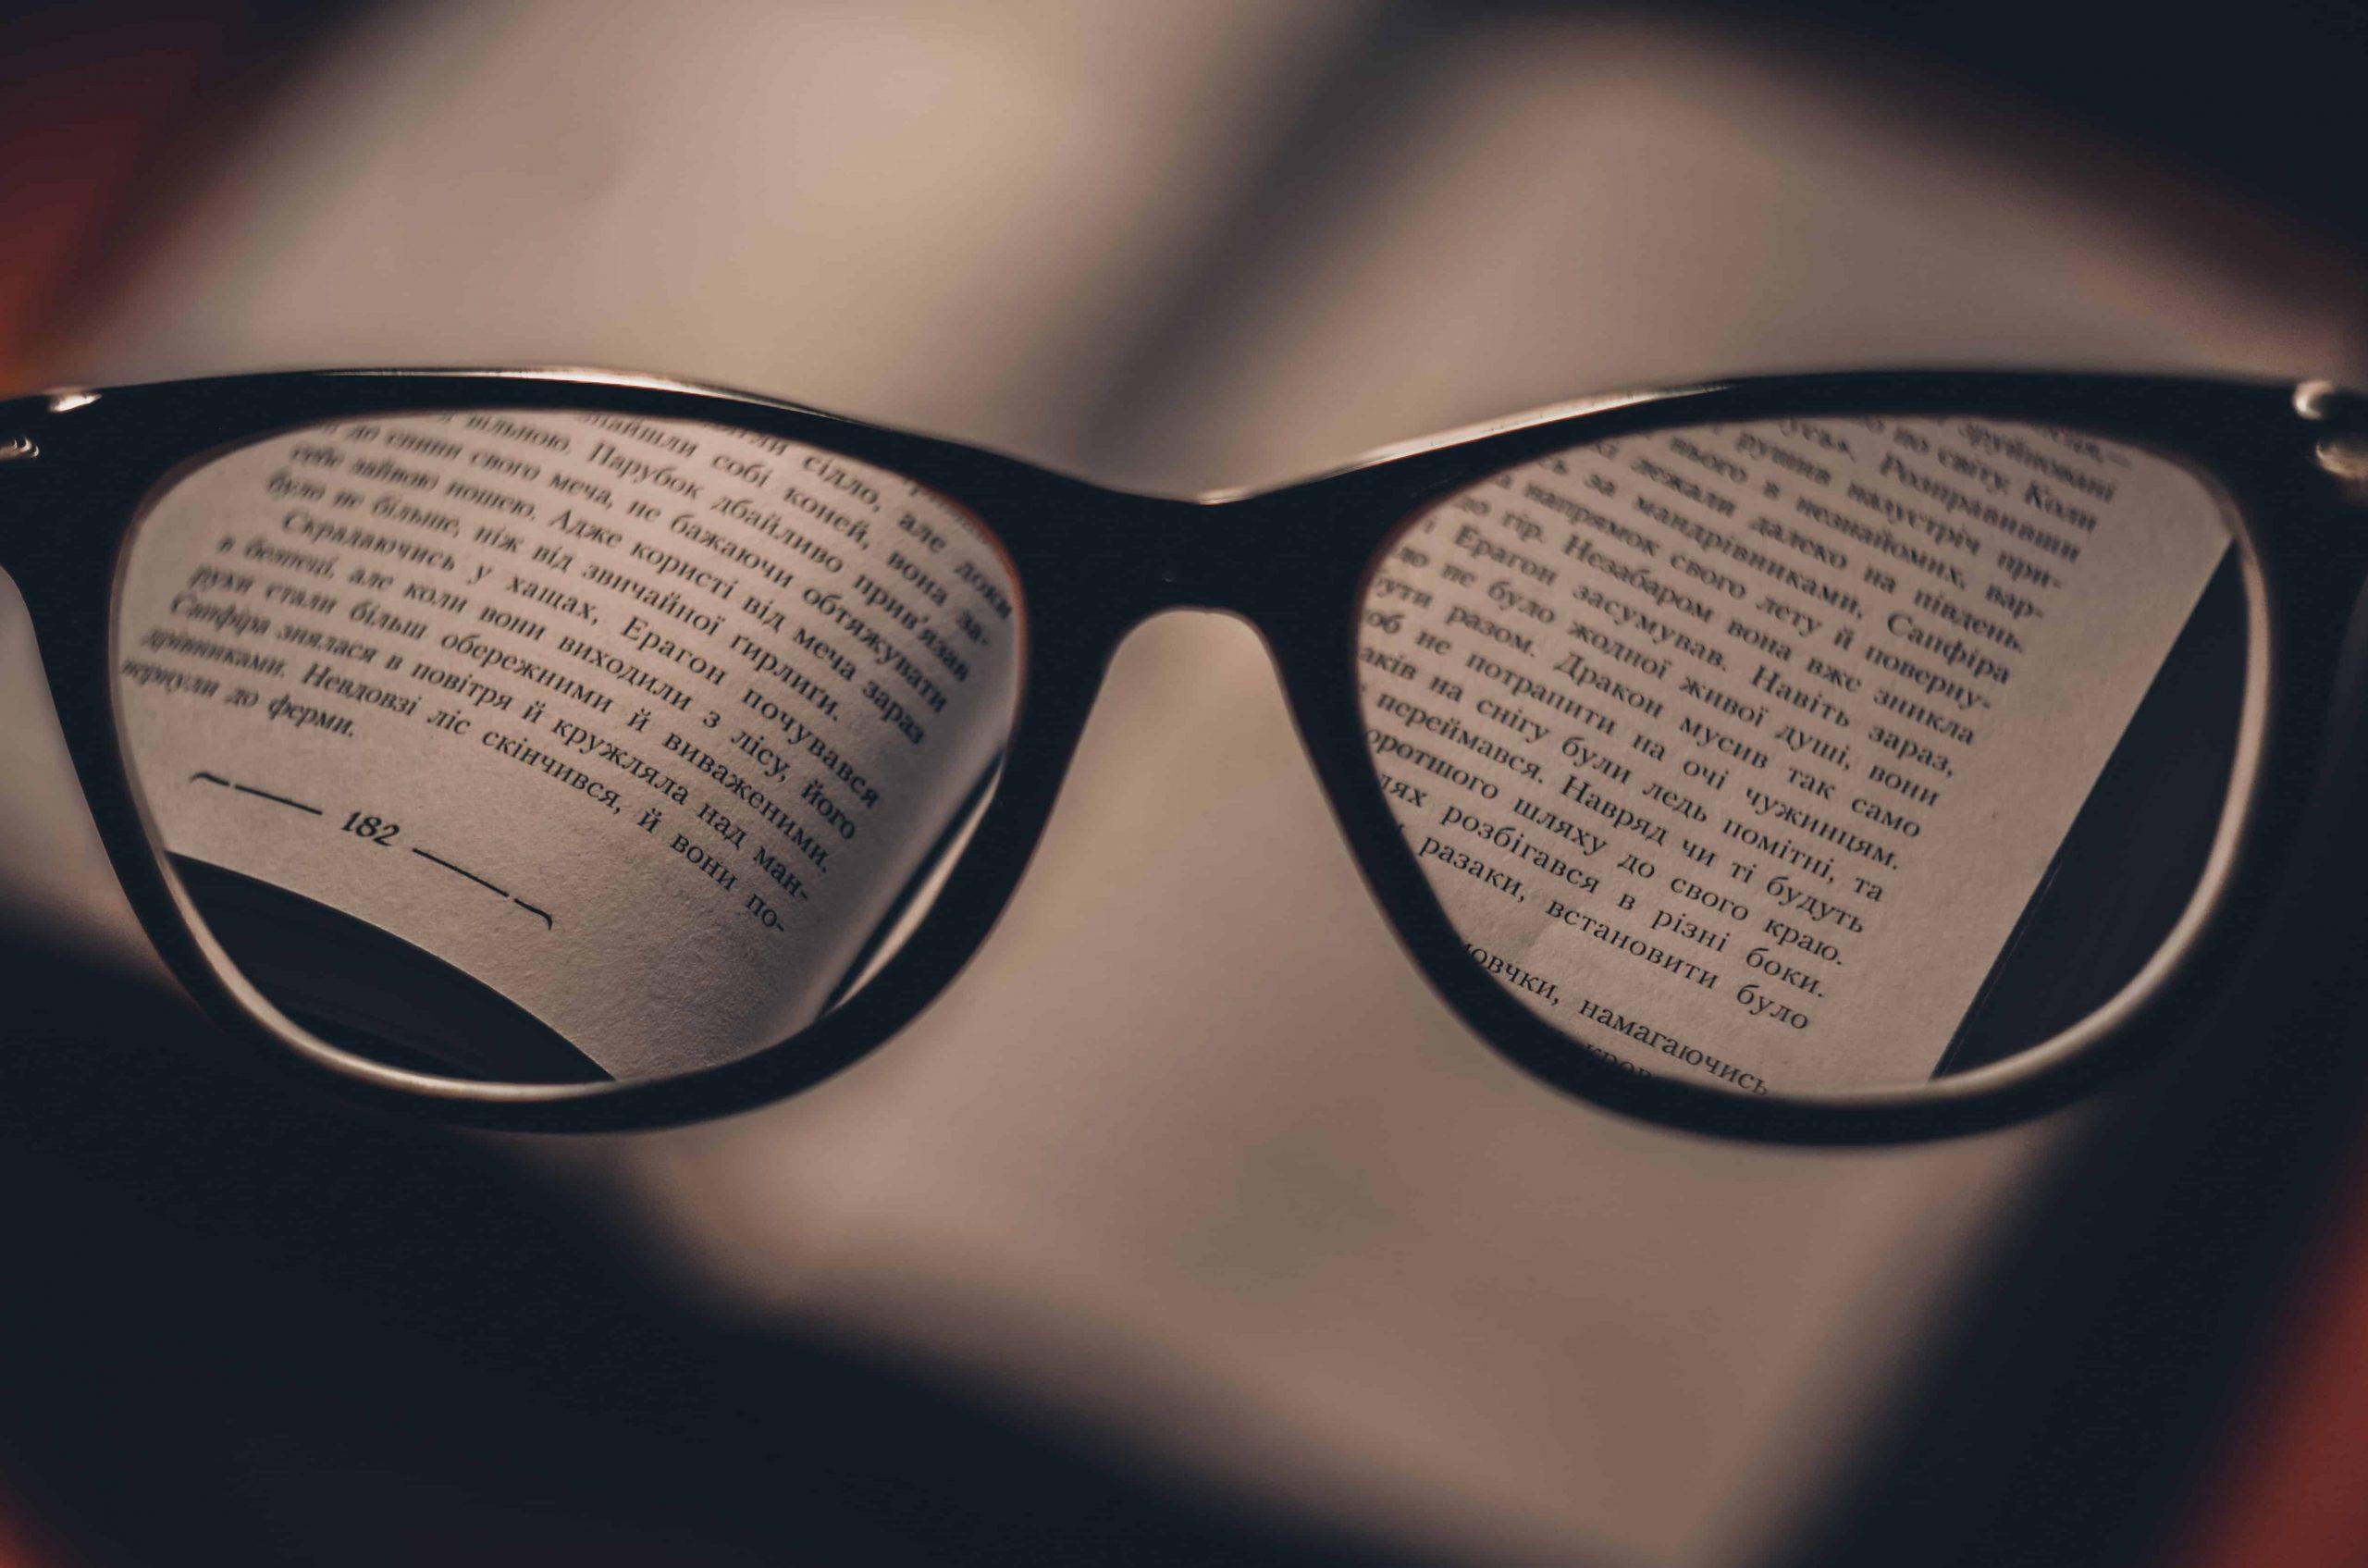 Um livro está aberto, porém desfocado. Só é possível lê-lo através das lentes do óculos, presente no centro da imagem.